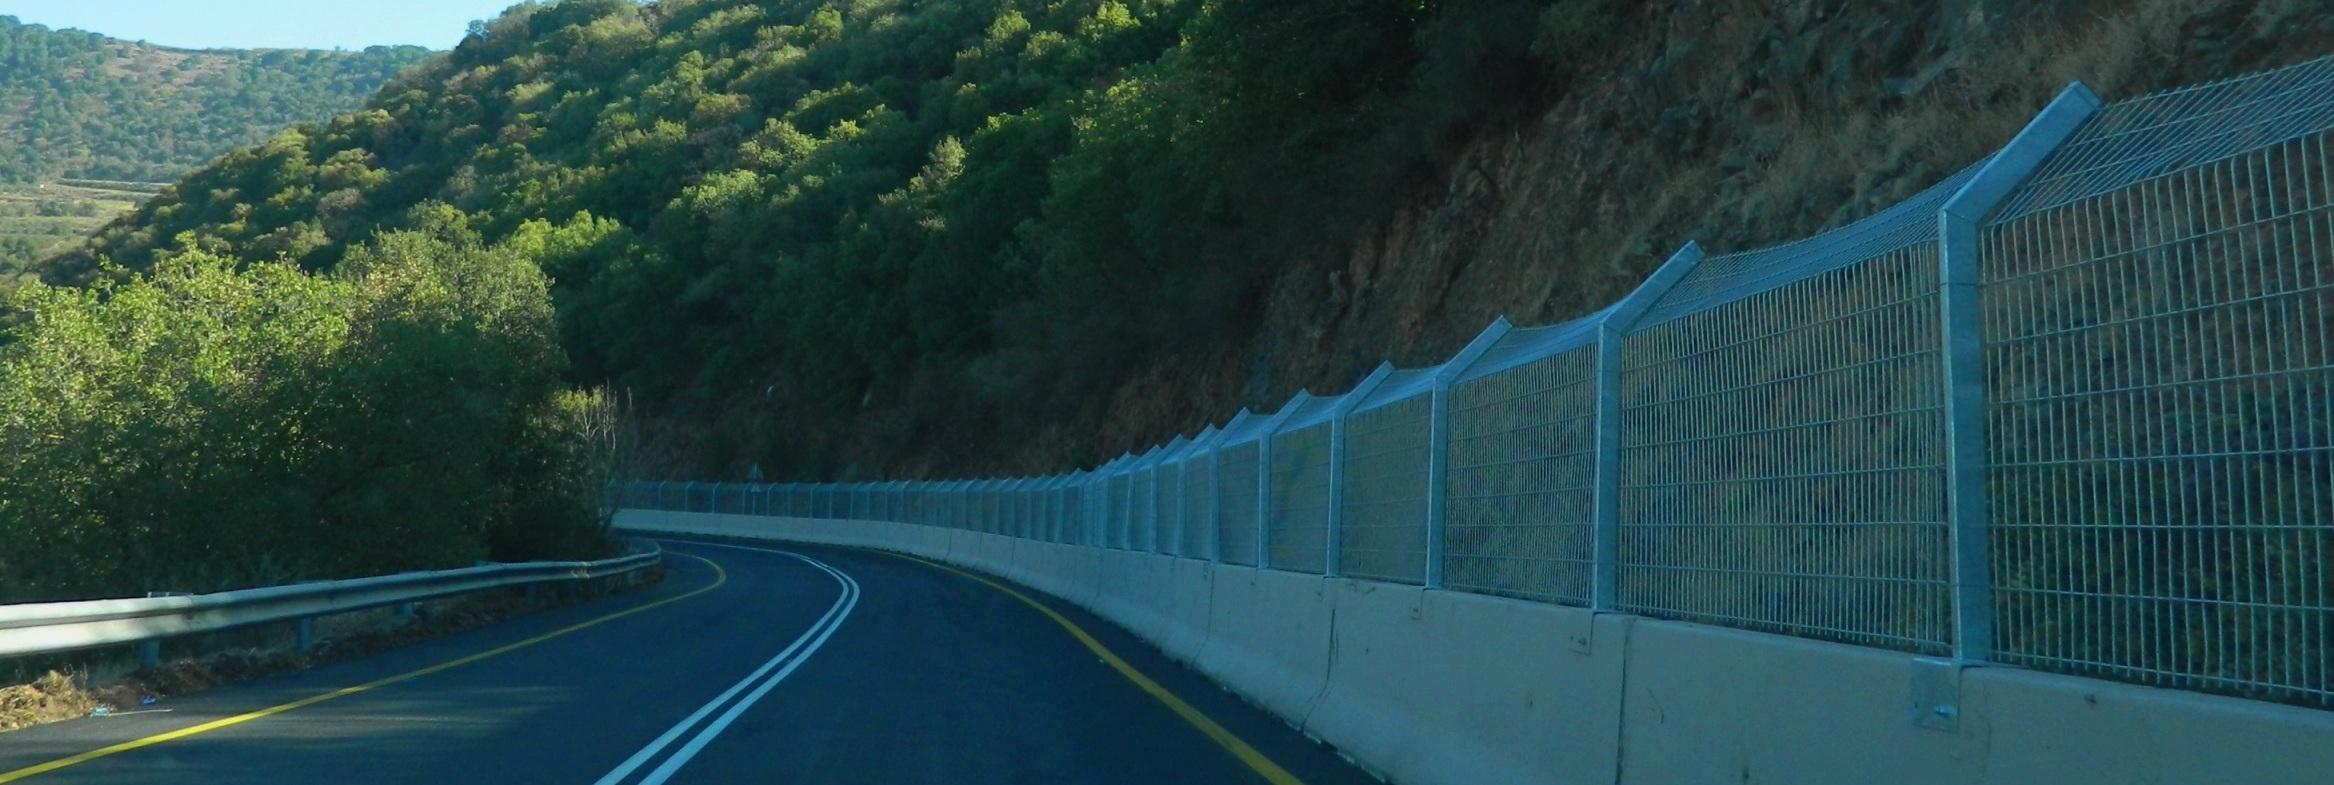 הושלם פרויקט הסדרת  כביש הגישה הדרומי לעין קנייא